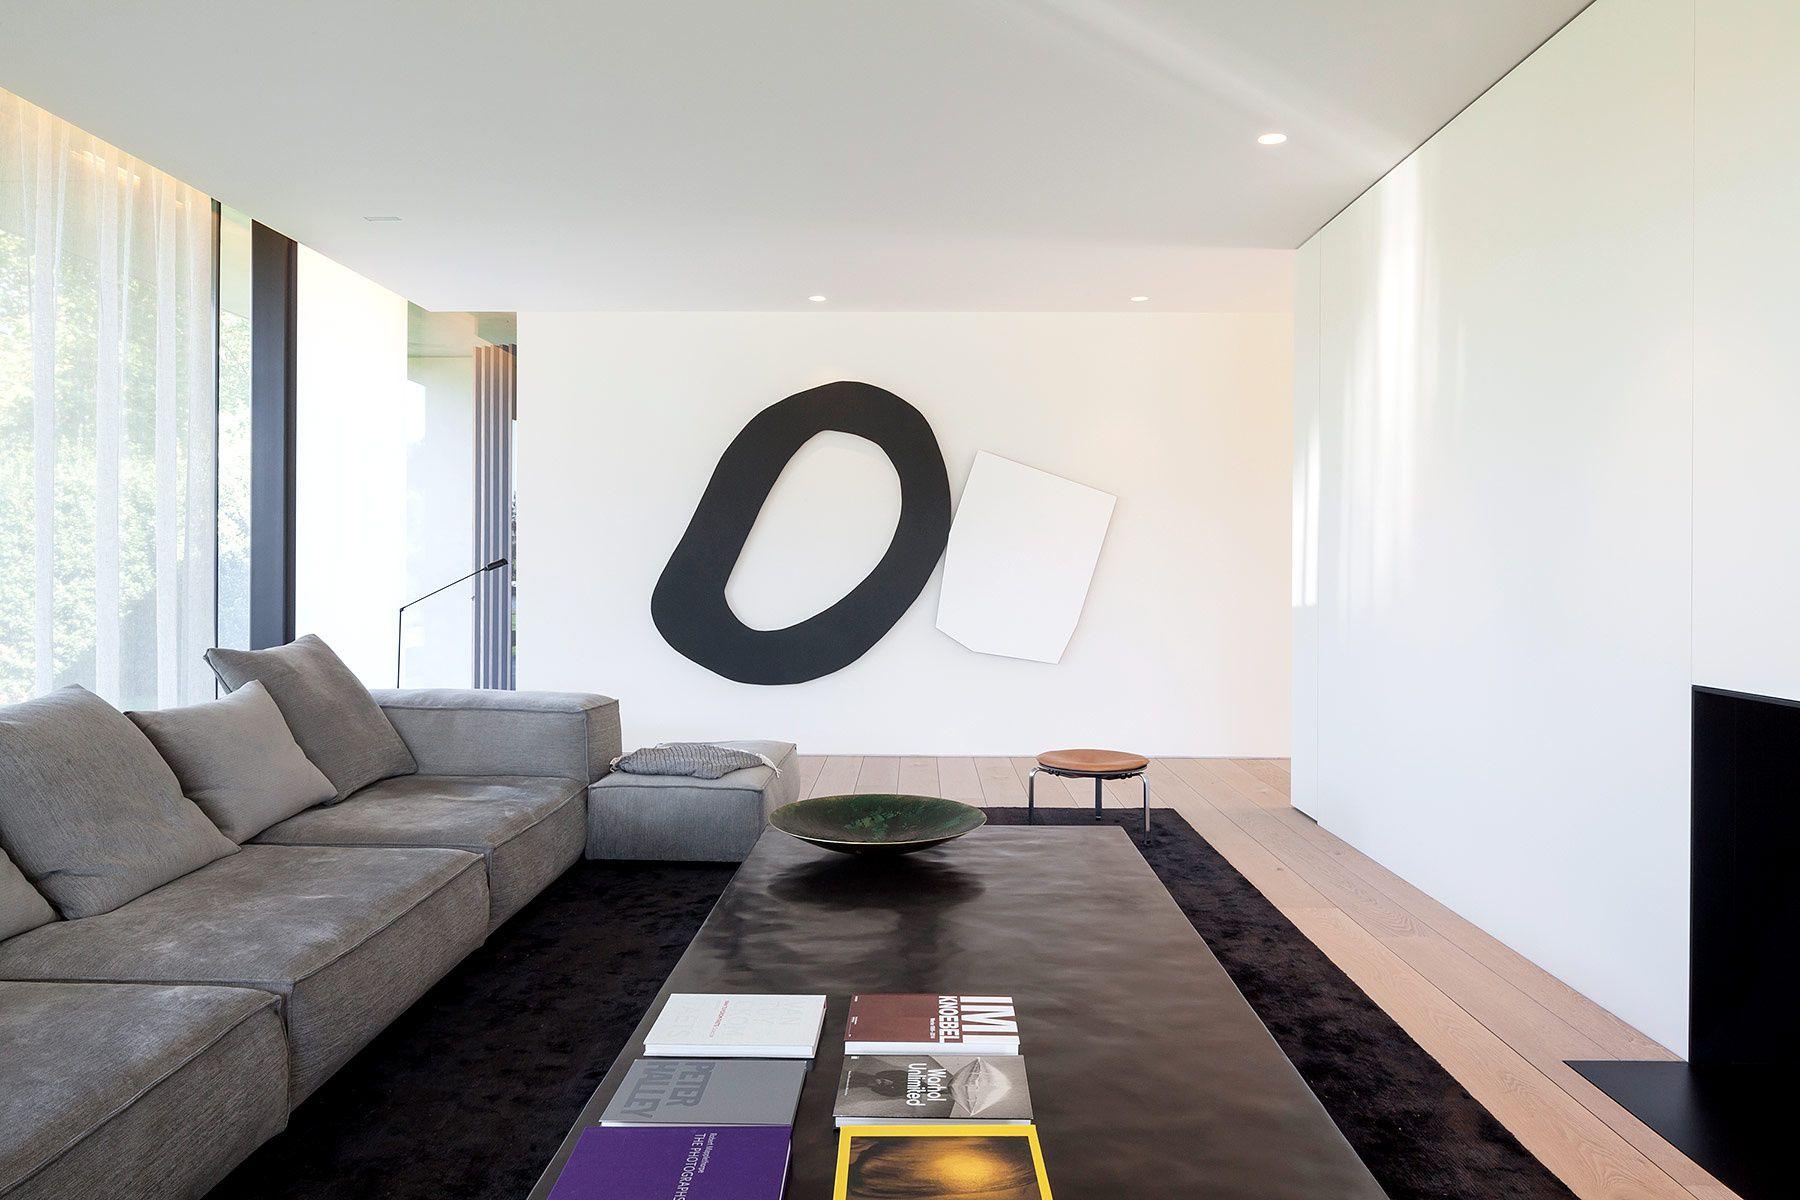 Oasis belga moderno - Puntos focales   Galería de fotos 3 de 15   AD MX